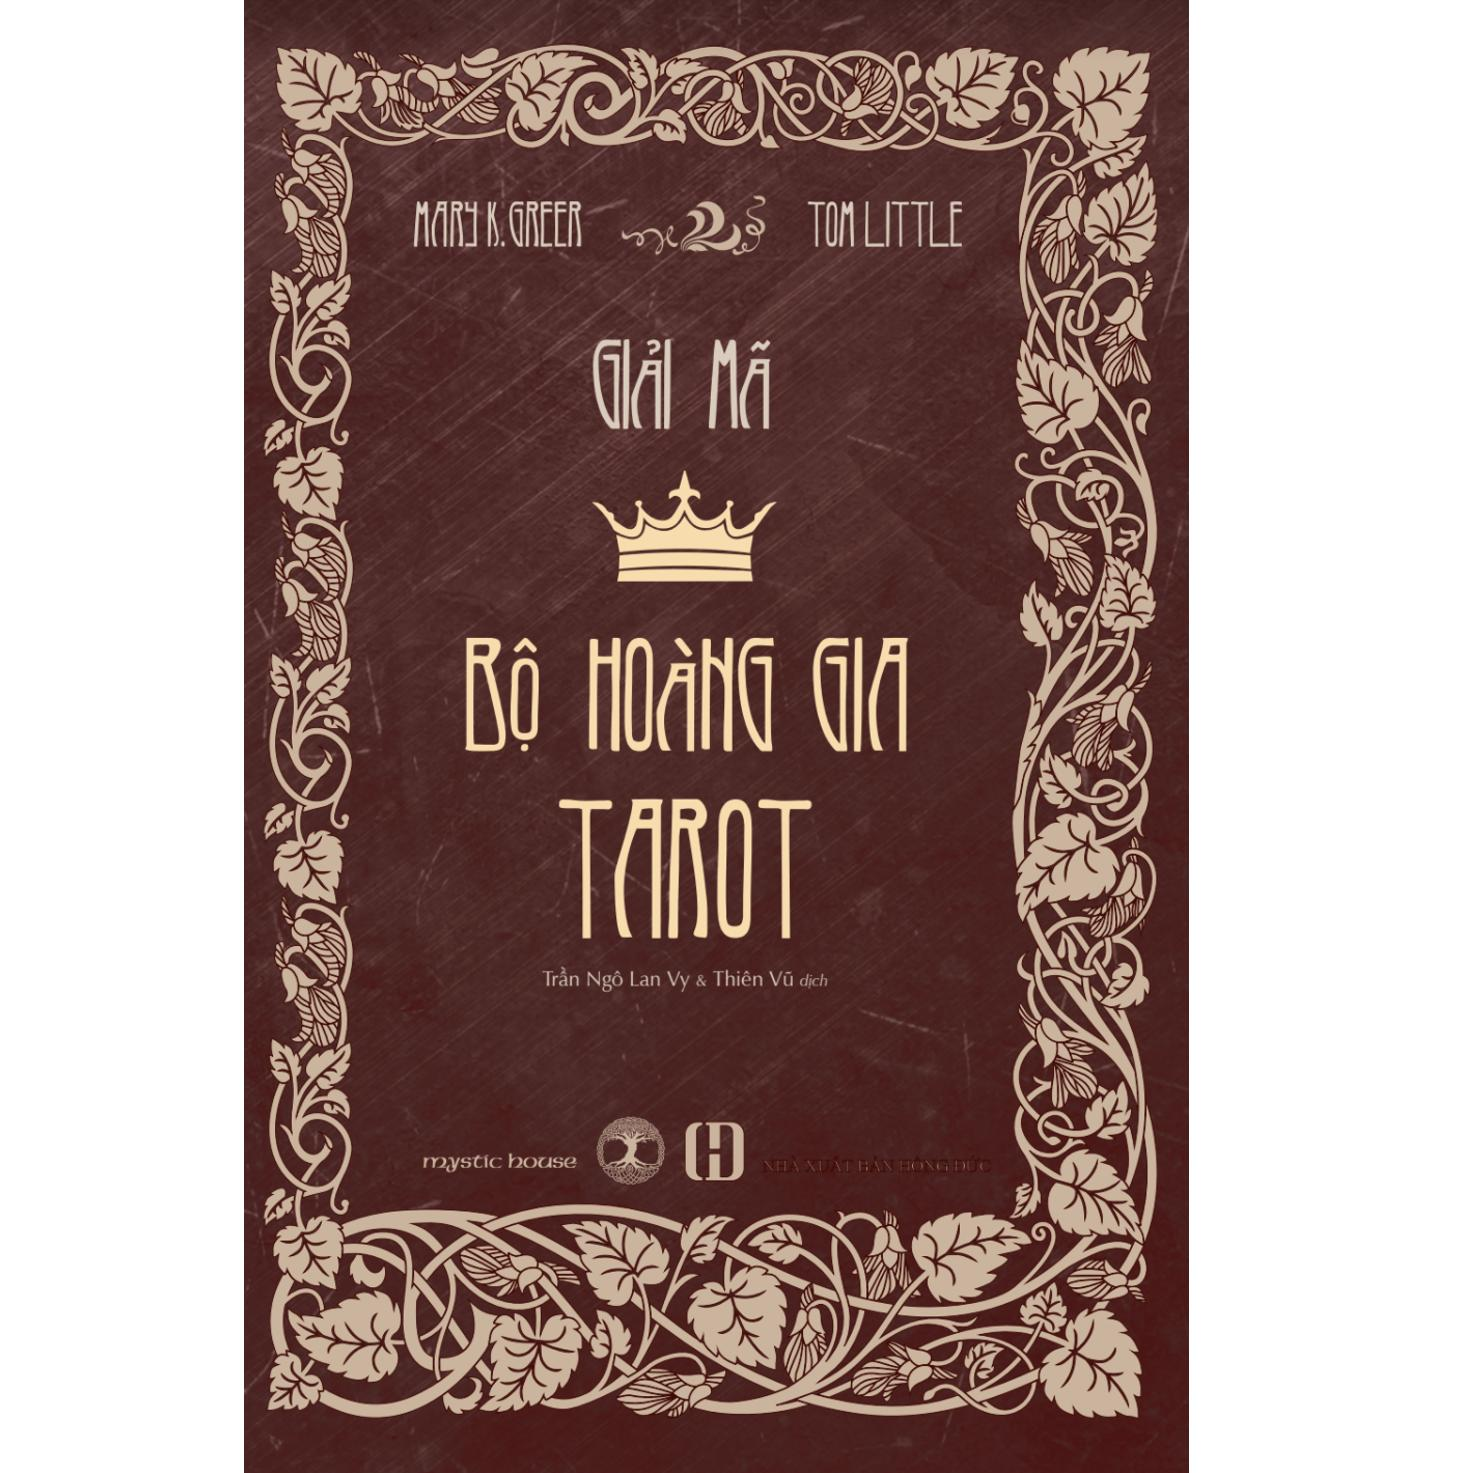 Giải Mã Bộ Hoàng Gia Tarot 7